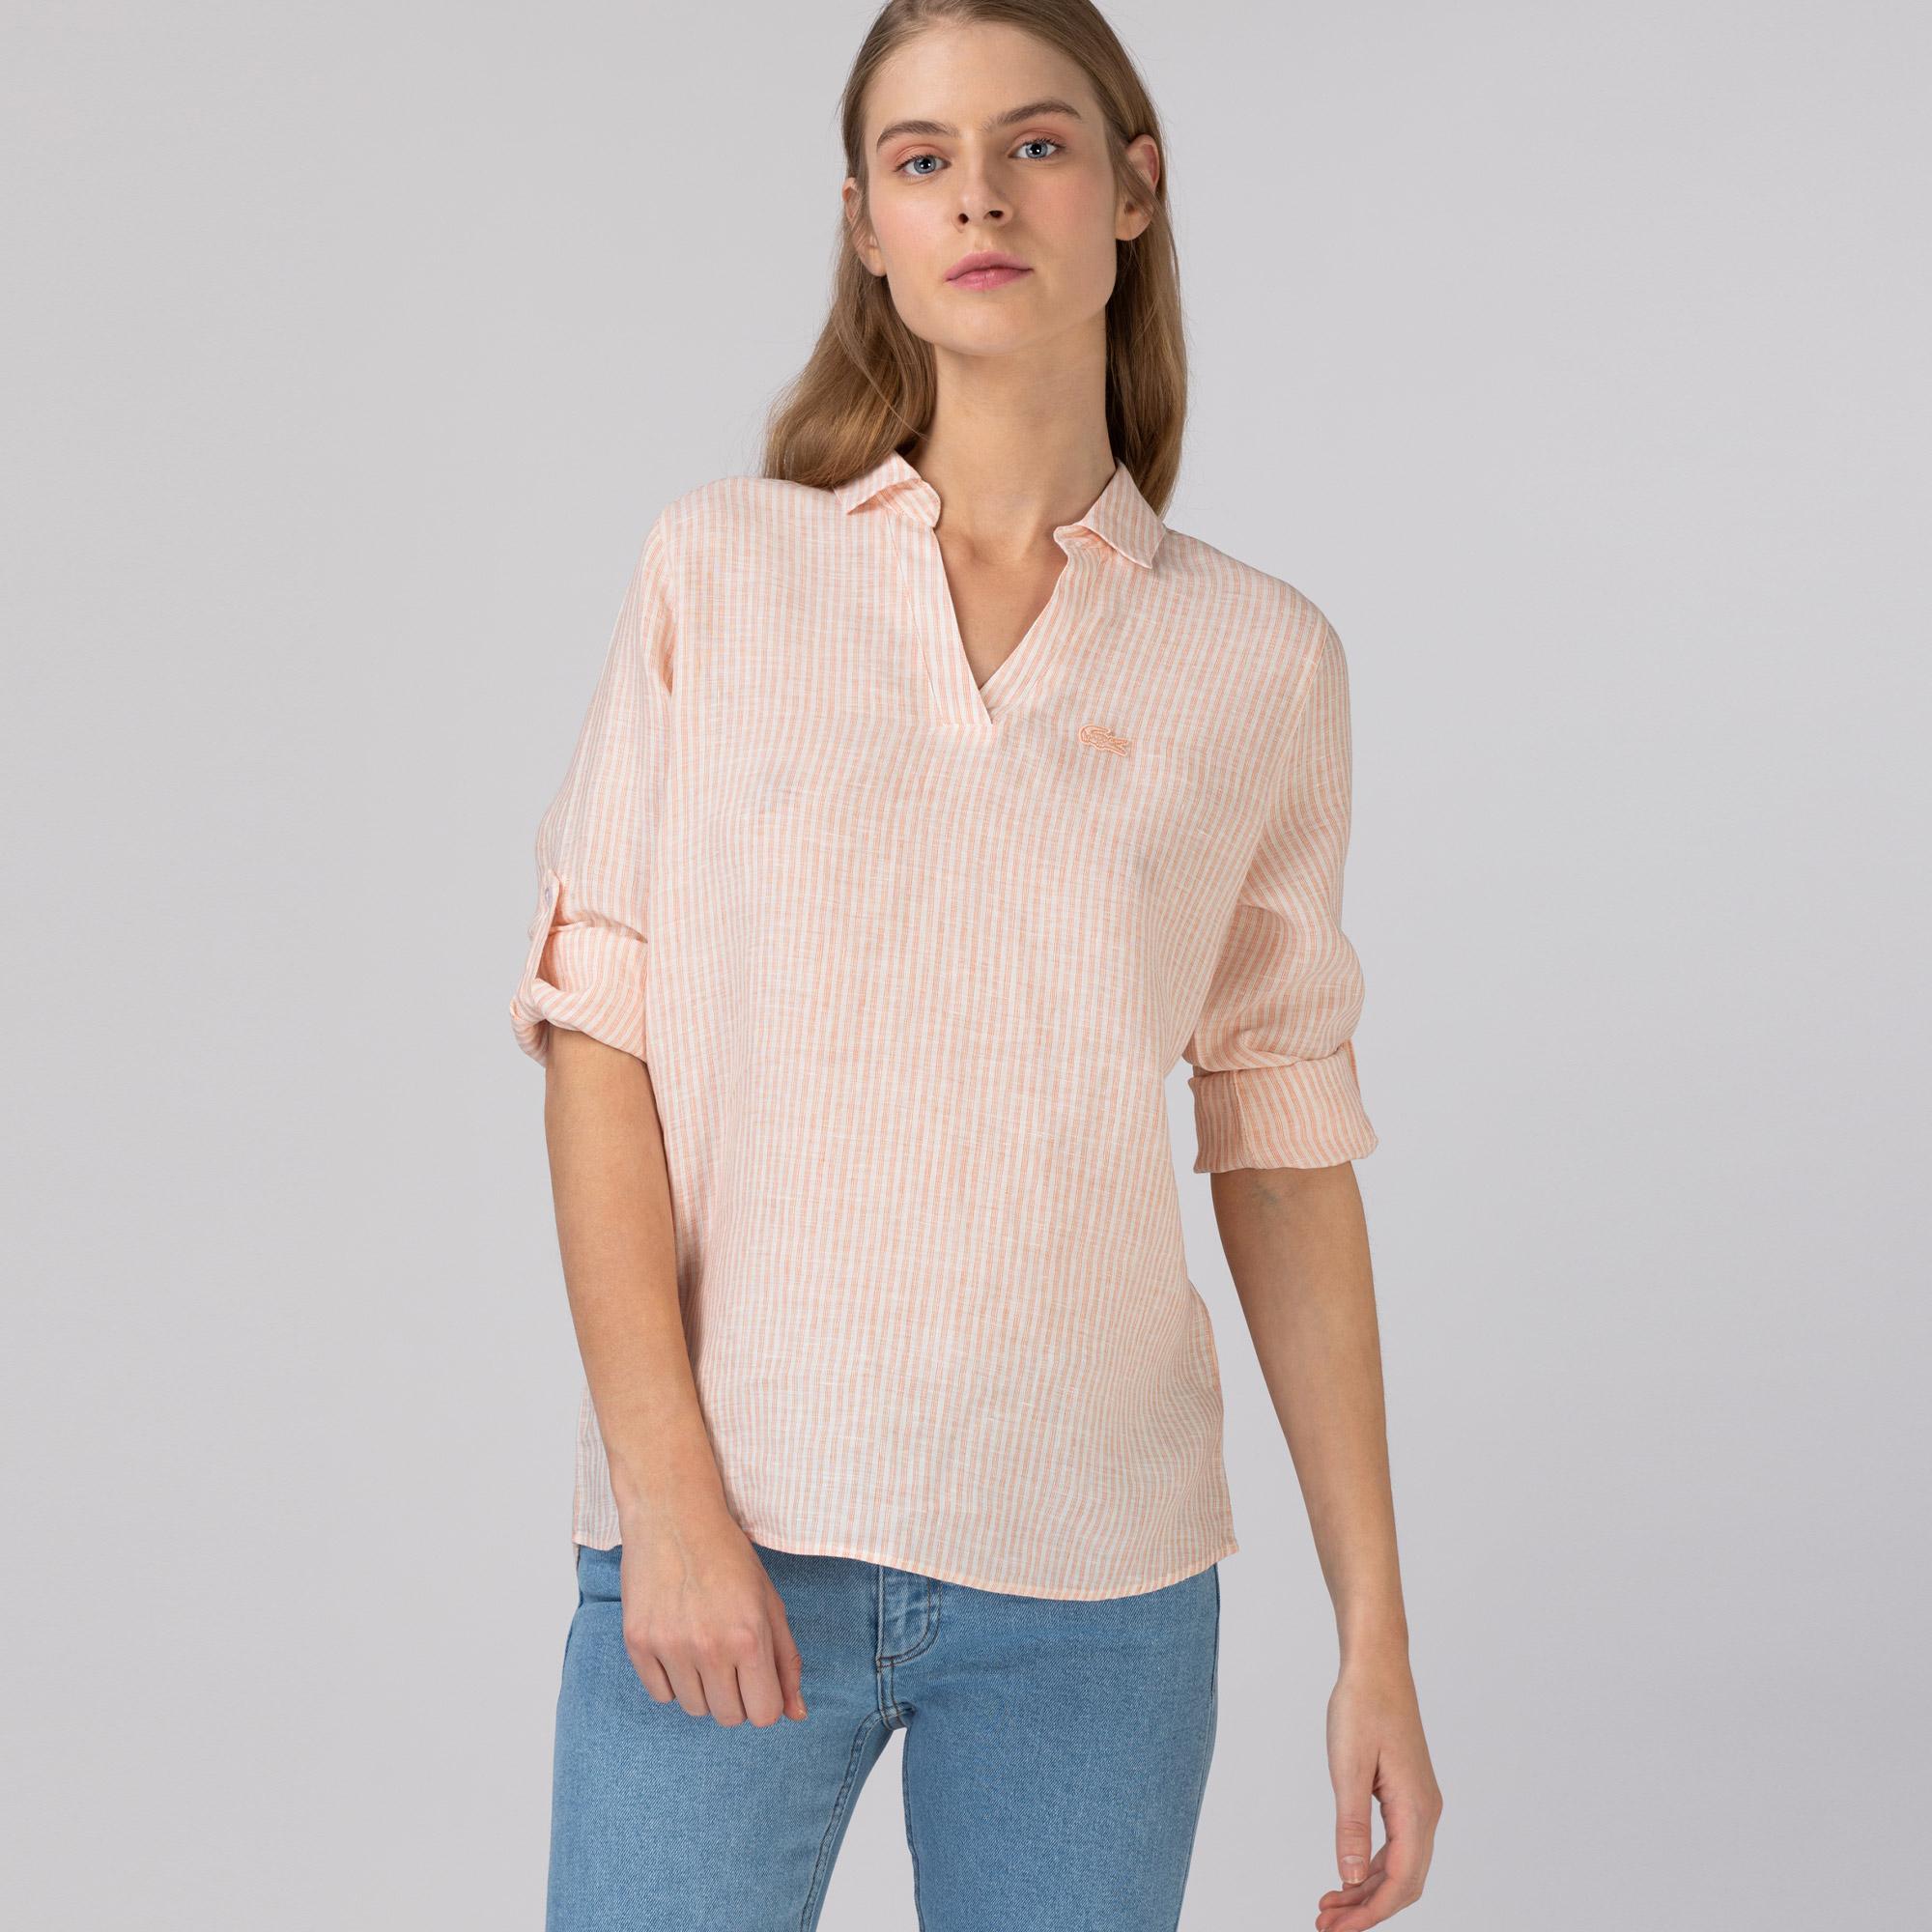 Lacoste Kadın Keten Çizgili Turuncu Gömlek